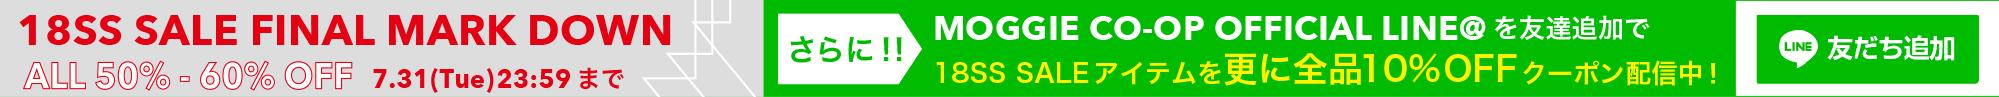 MOGGIE COOP LINE@